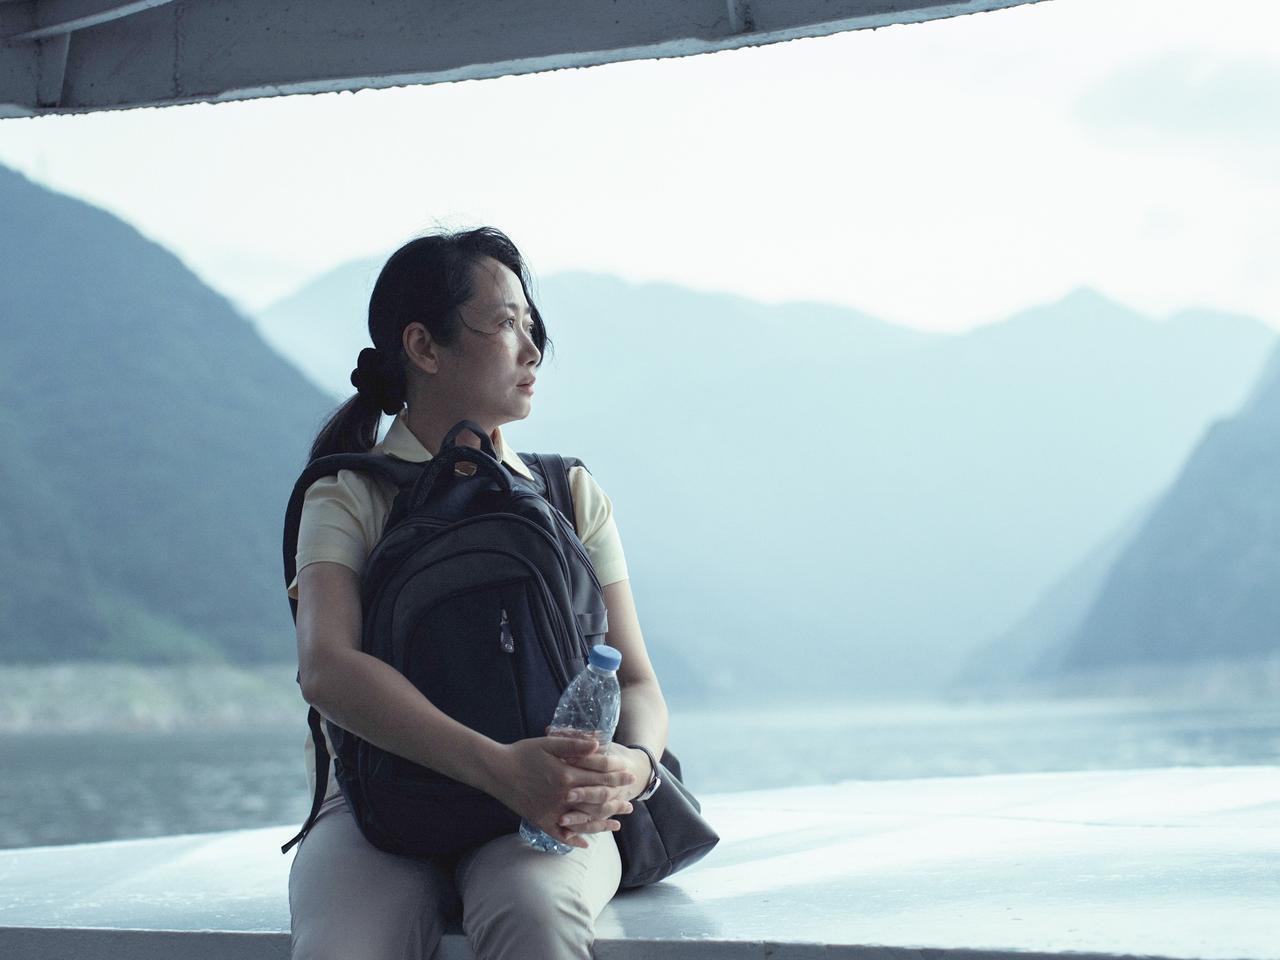 画像2: (C)2018 Xstream Pictures (Beijing) - MK Productions - ARTE France All rights reserved